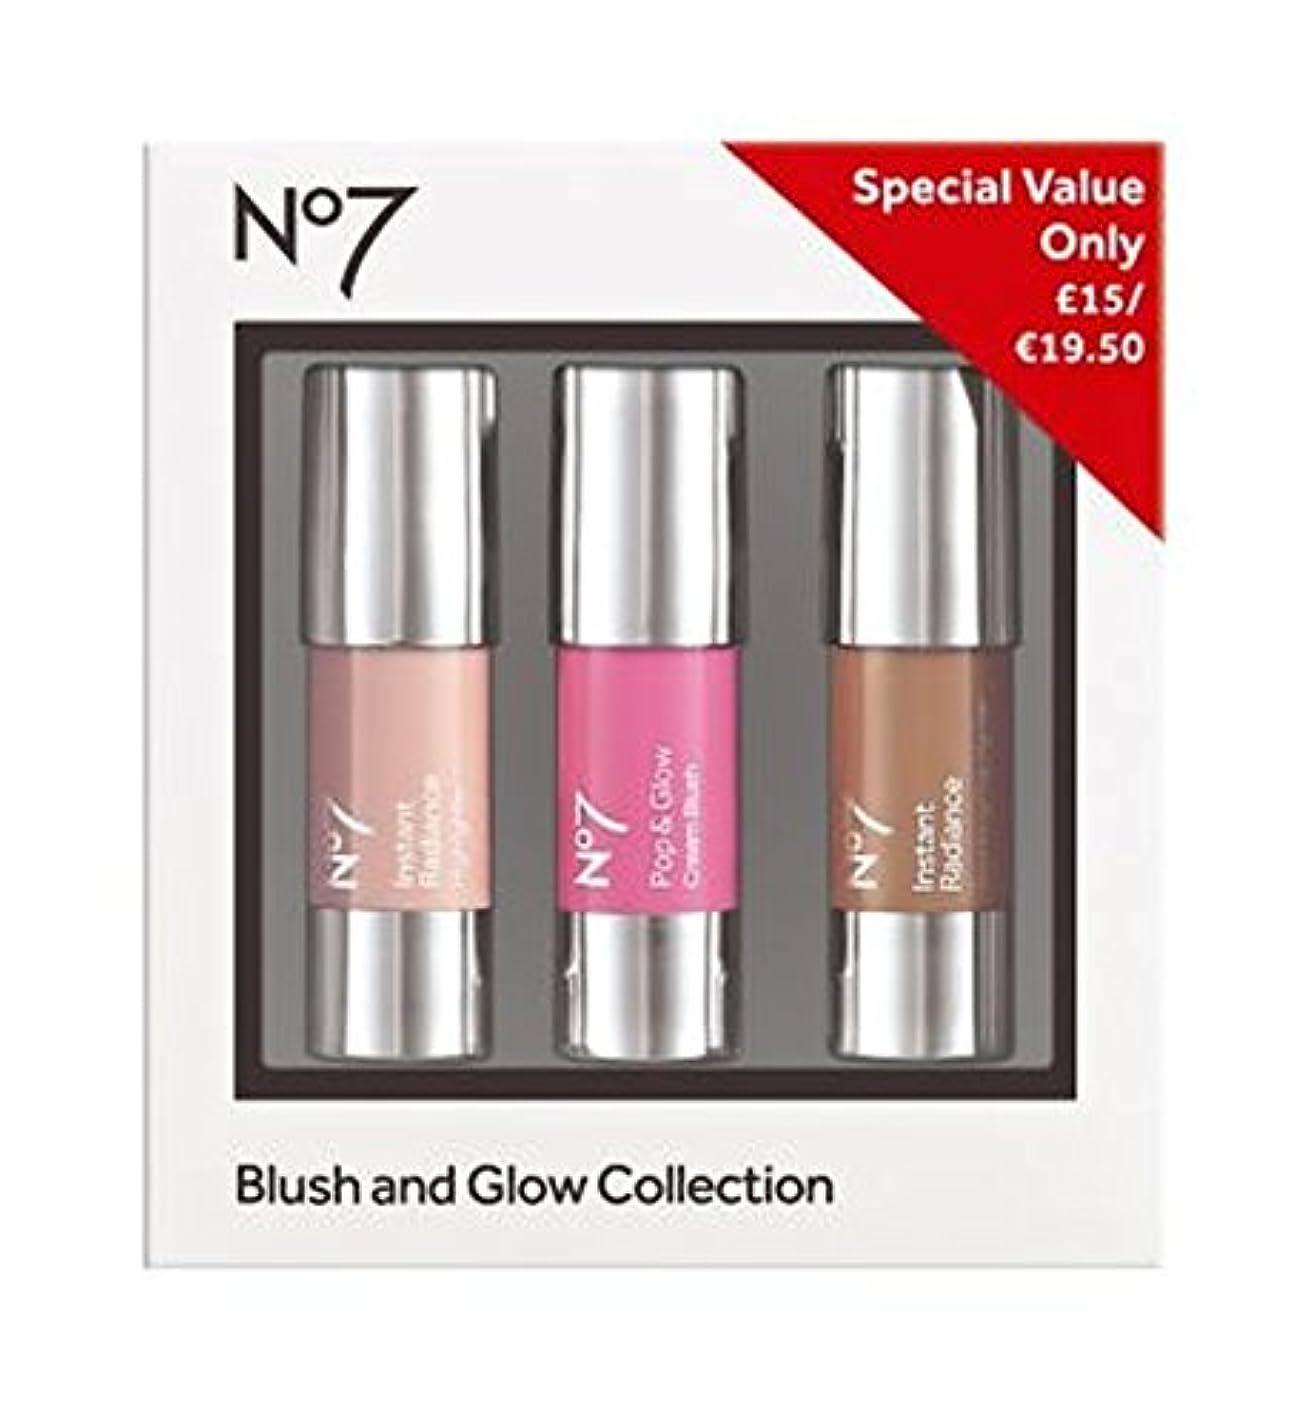 スポーツをする意気消沈した行進No7 Blush and Glow Collection - No7の赤面とグローコレクション (No7) [並行輸入品]